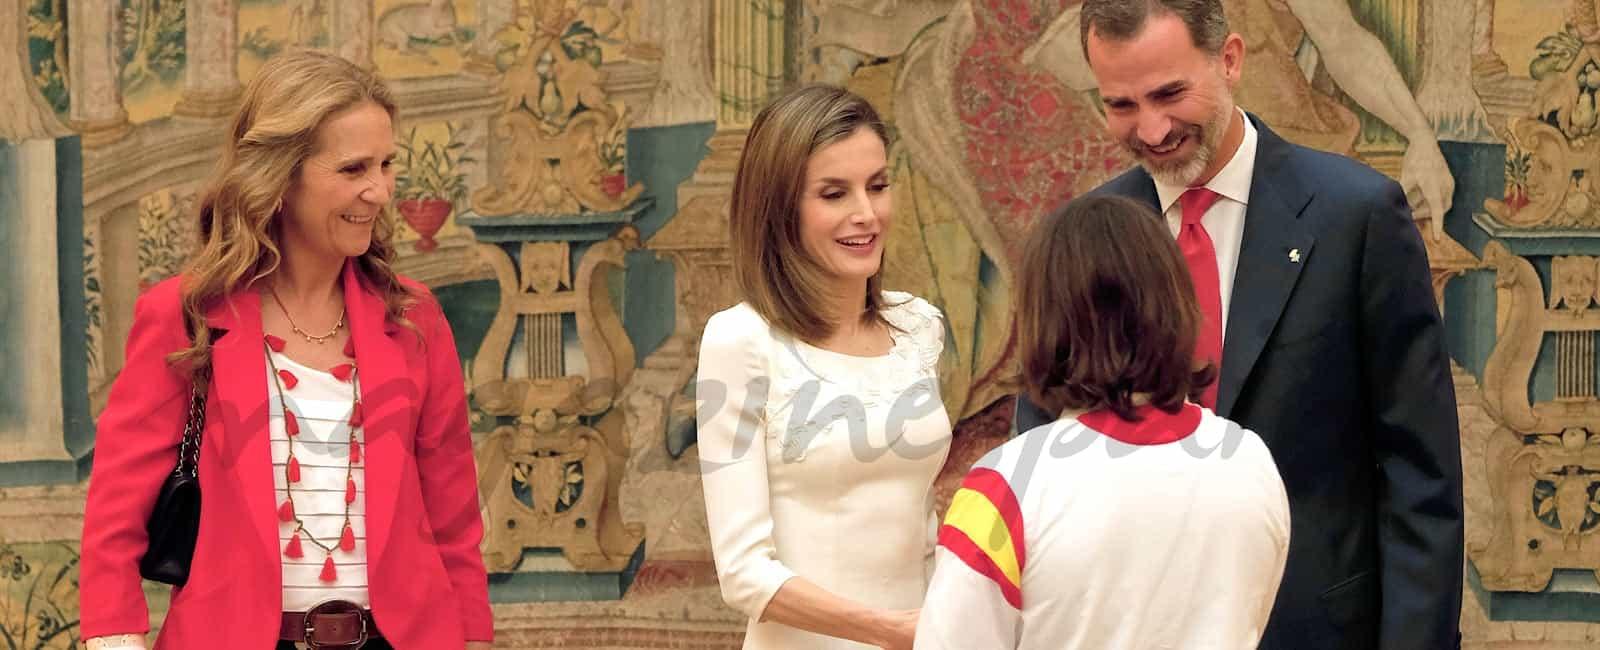 Los Reyes felicitan al Equipo Olímpico y Paralímpico Español de Río 2016